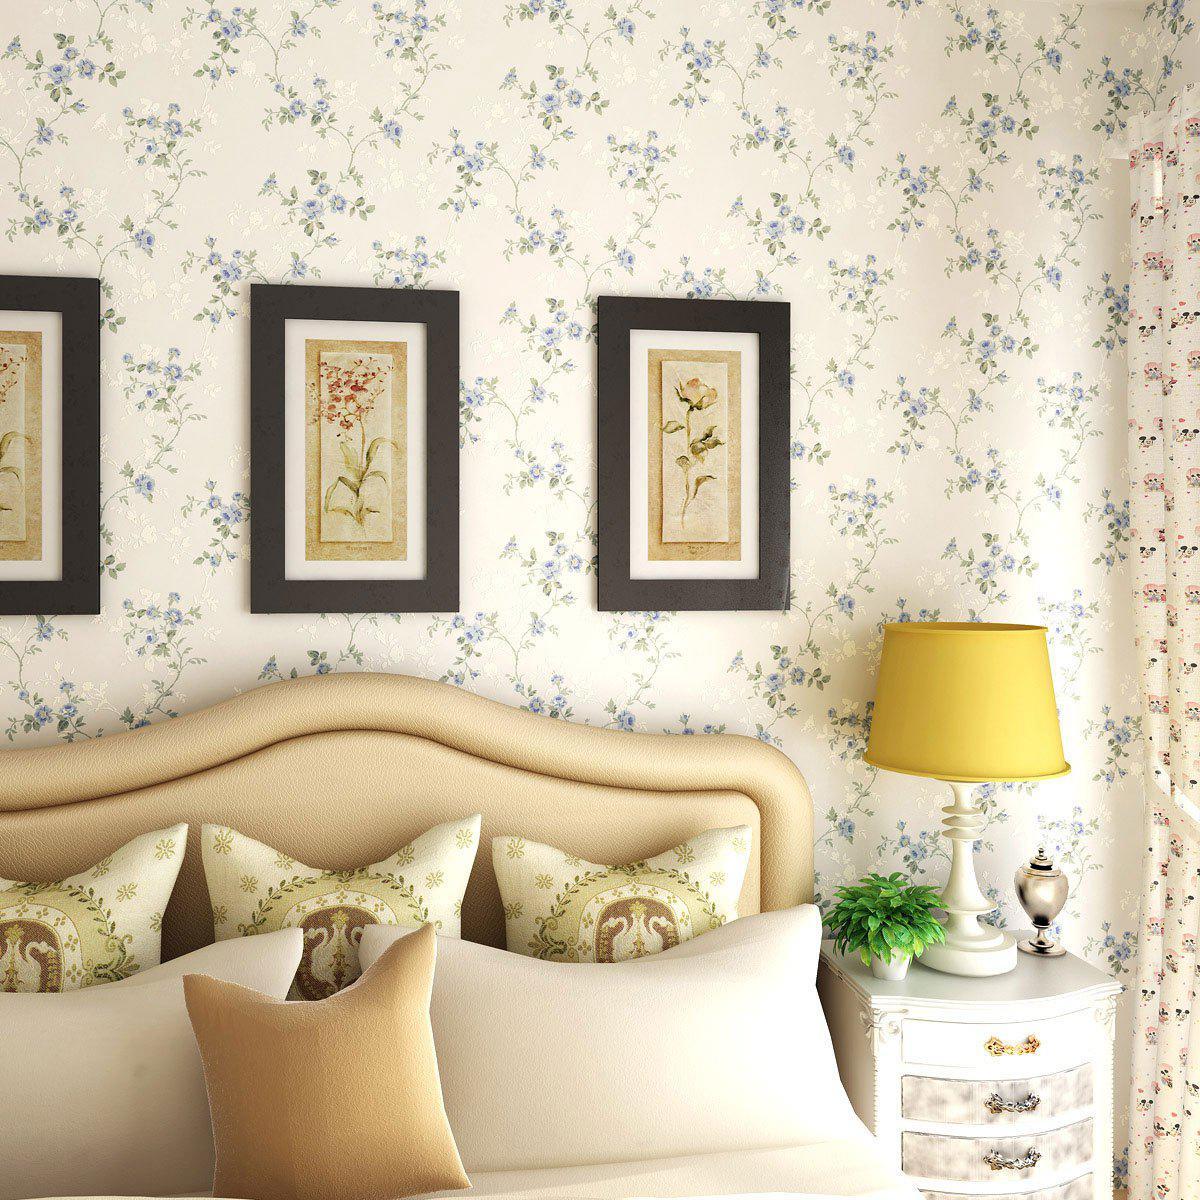 Wallpaper Room Decor   Hawk Haven